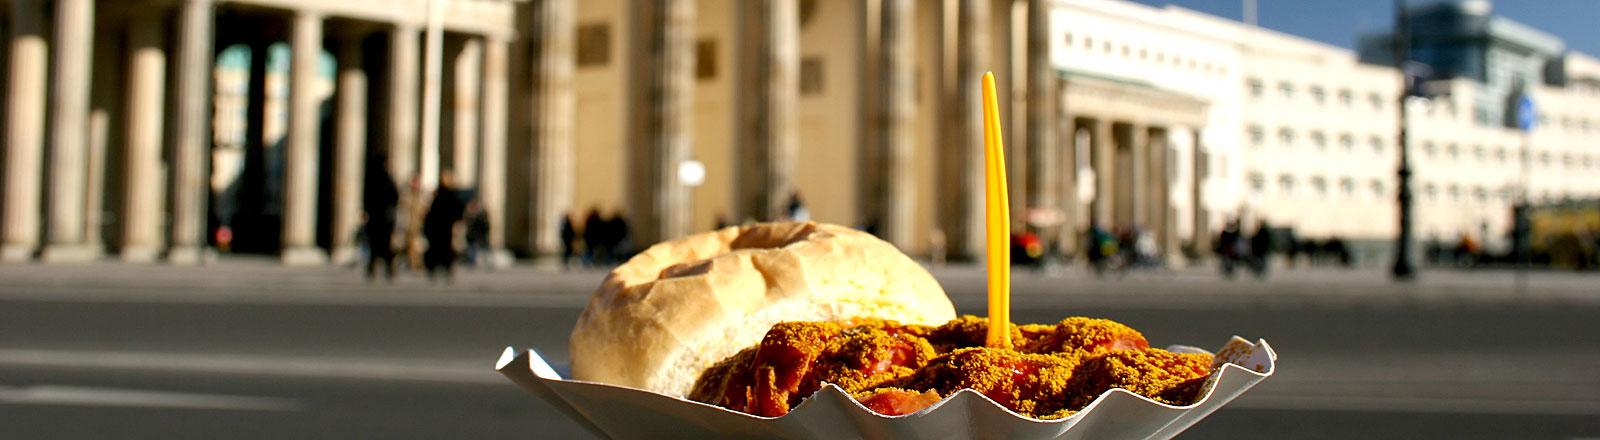 Currywurst mit Brötchen, positioniert vor dem Brandenburger Tor